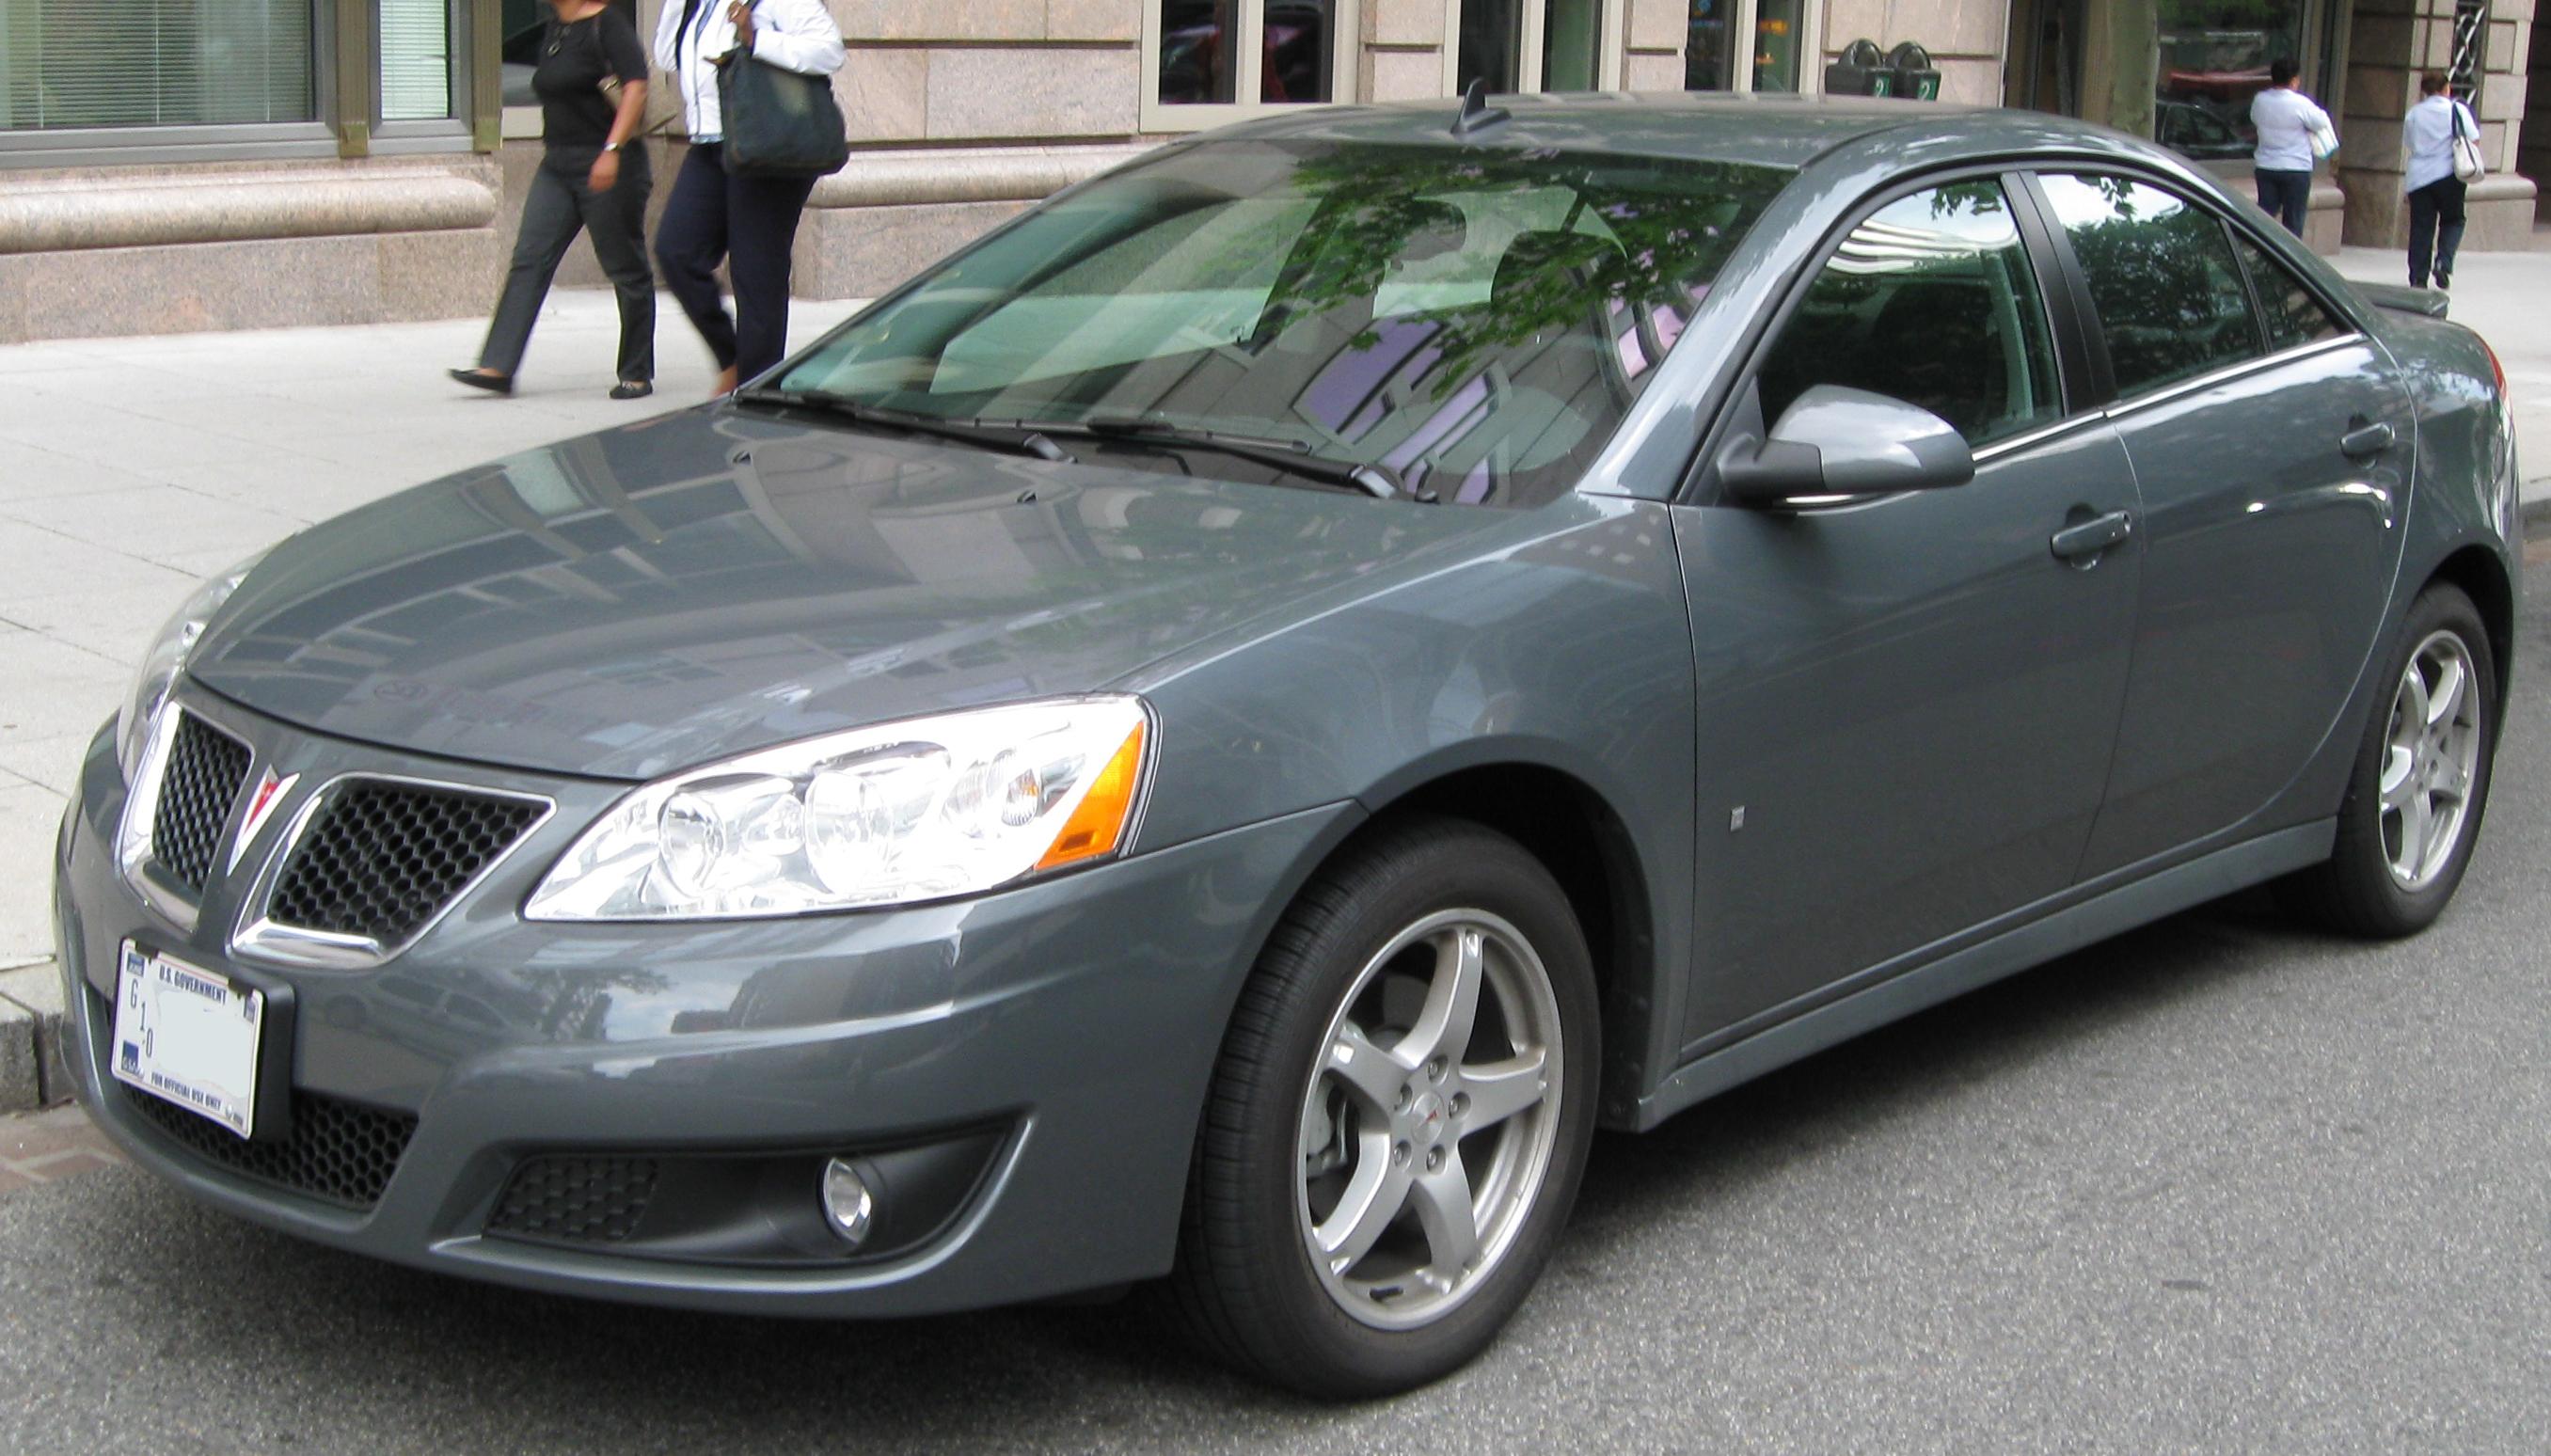 2009 Pontiac G6 Image 13